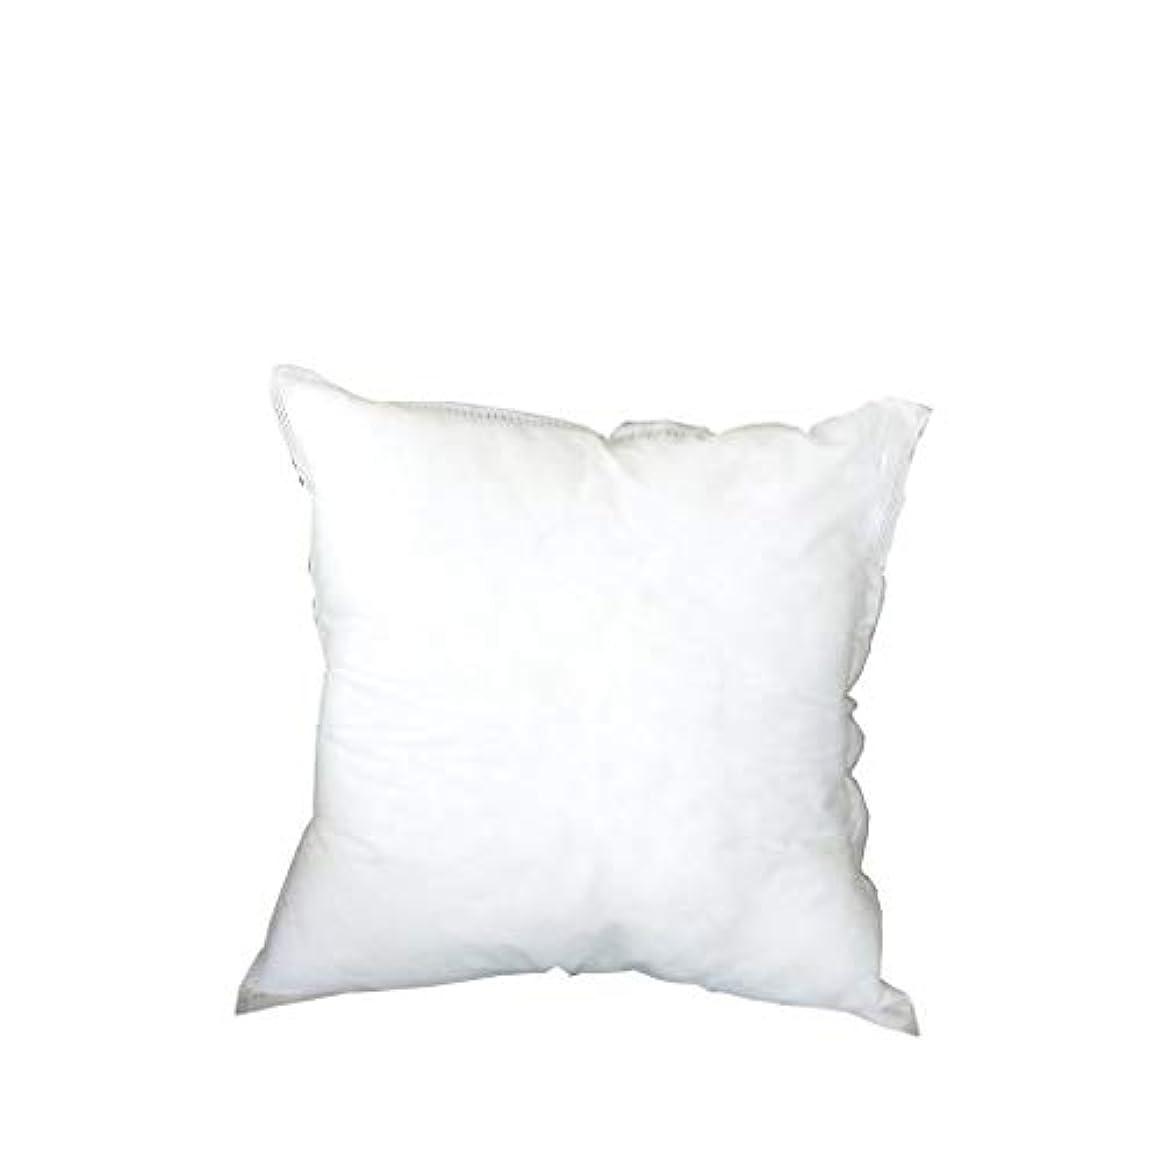 電気技師フィールドハンマーLIFE 寝具正方形 PP 綿枕インテリア家の装飾白 45 × 45 車のソファチェアクッション coussin decoratif 新 クッション 椅子